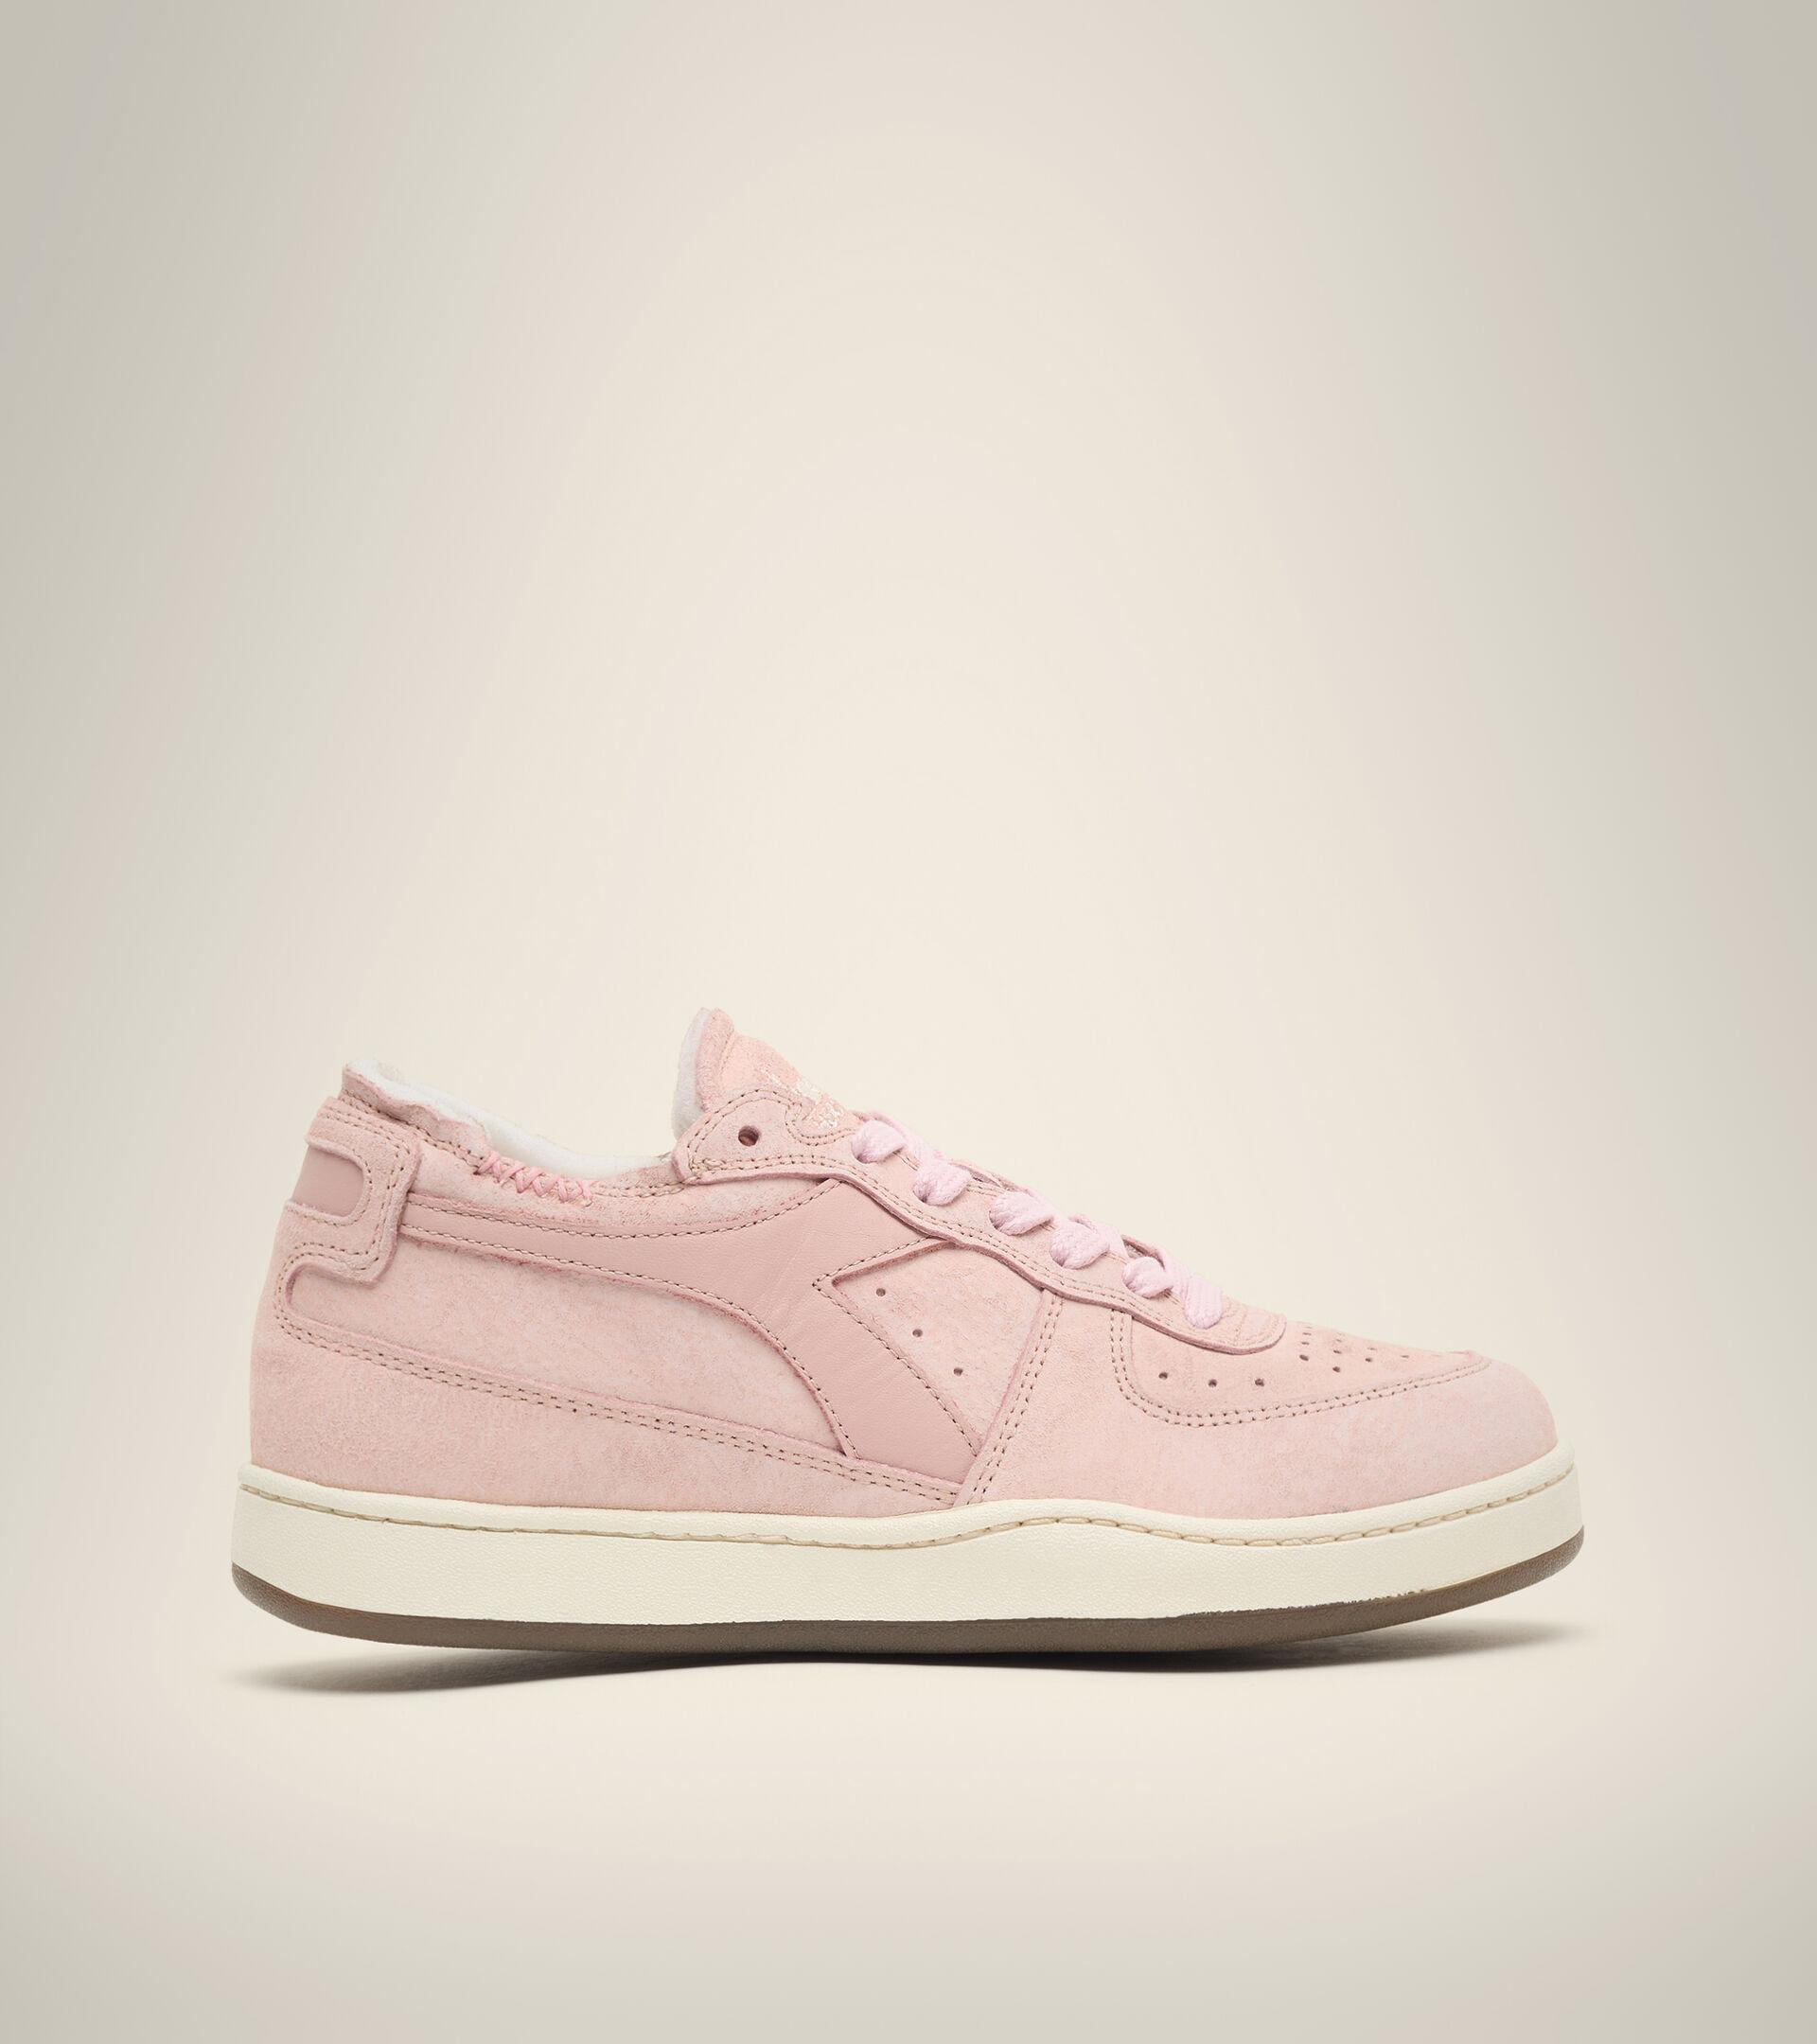 Footwear Heritage DONNA MI BASKET ROW CUT SUEDE USED WN ROSA CIPRIA Diadora